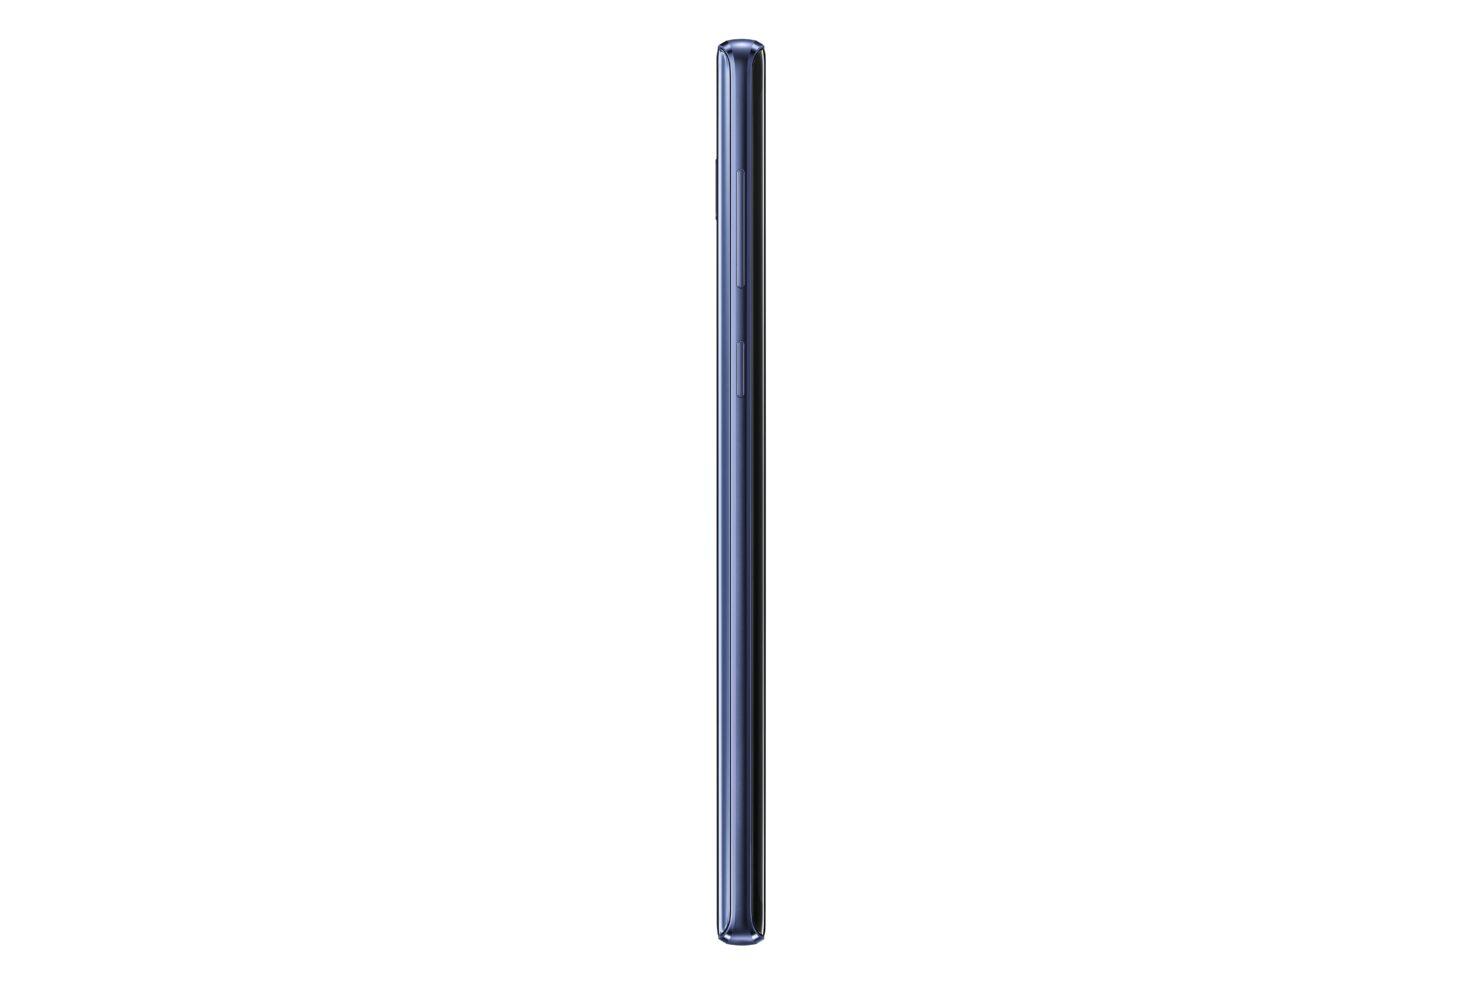 img_ocean-blue_180529_sm_n960f_galaxynote9_lside_blue_